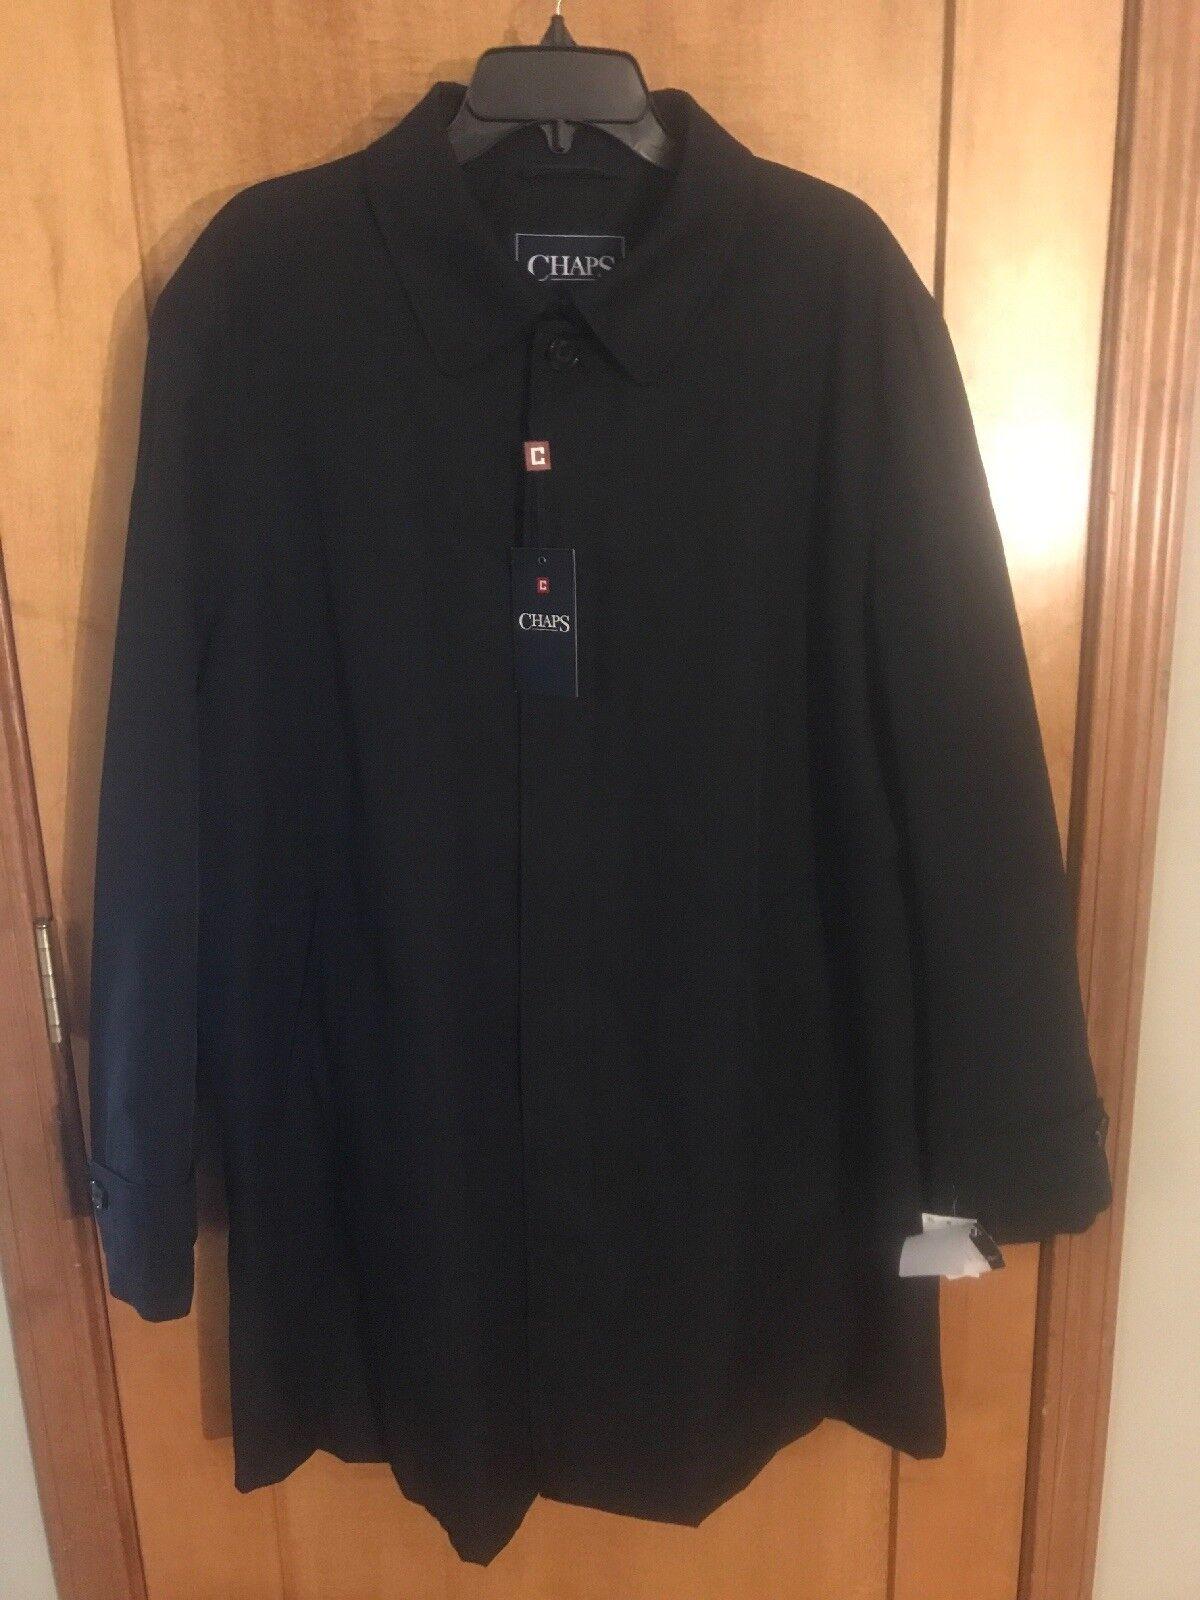 RALPH LAUREN Chaps Rain Trench Coat With Woolen Liner - Sz 44R - Retail 250